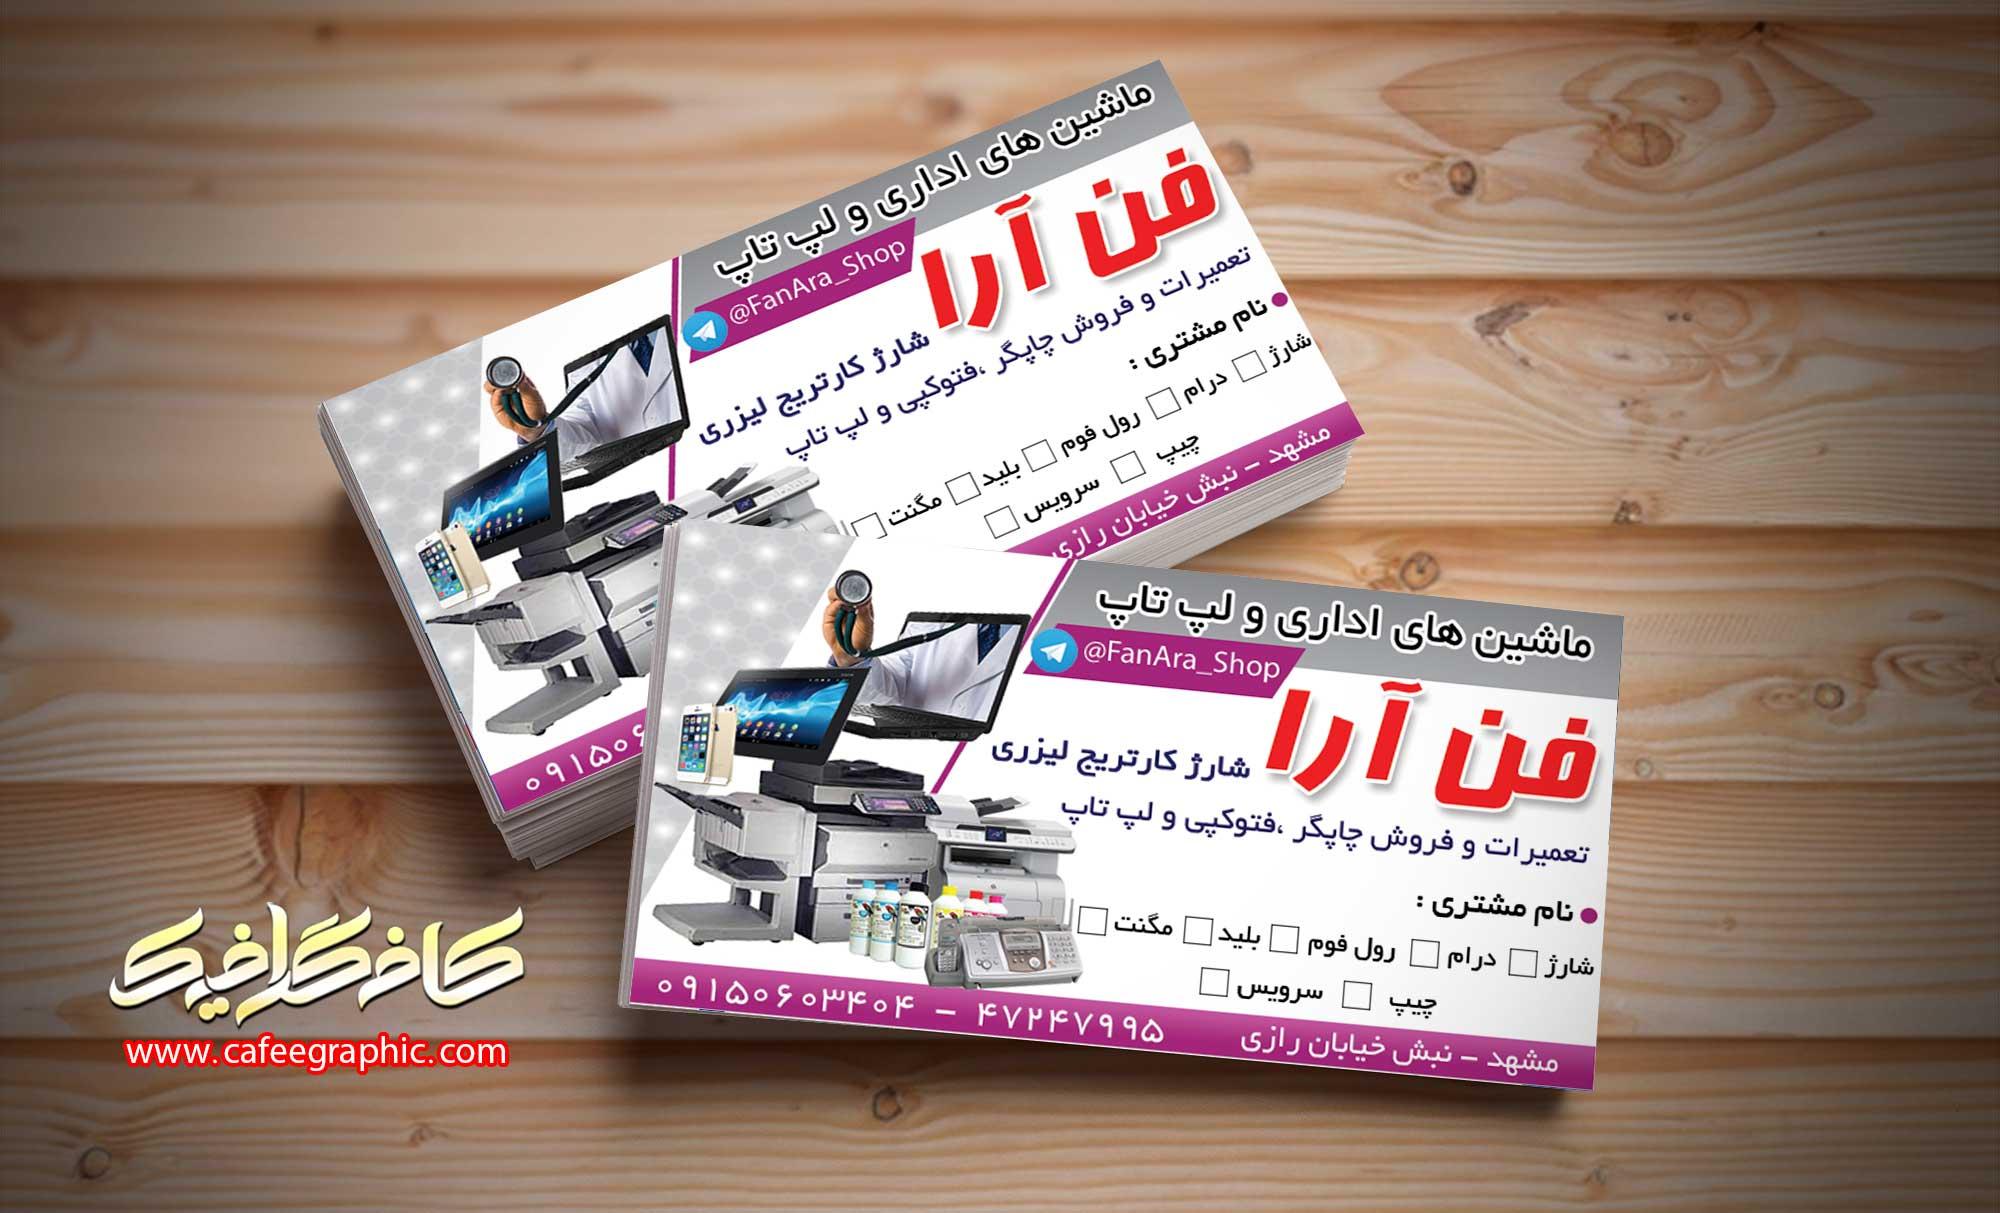 کارت ویزیت خدمات فنی پرینتر و شارژ کارتریج